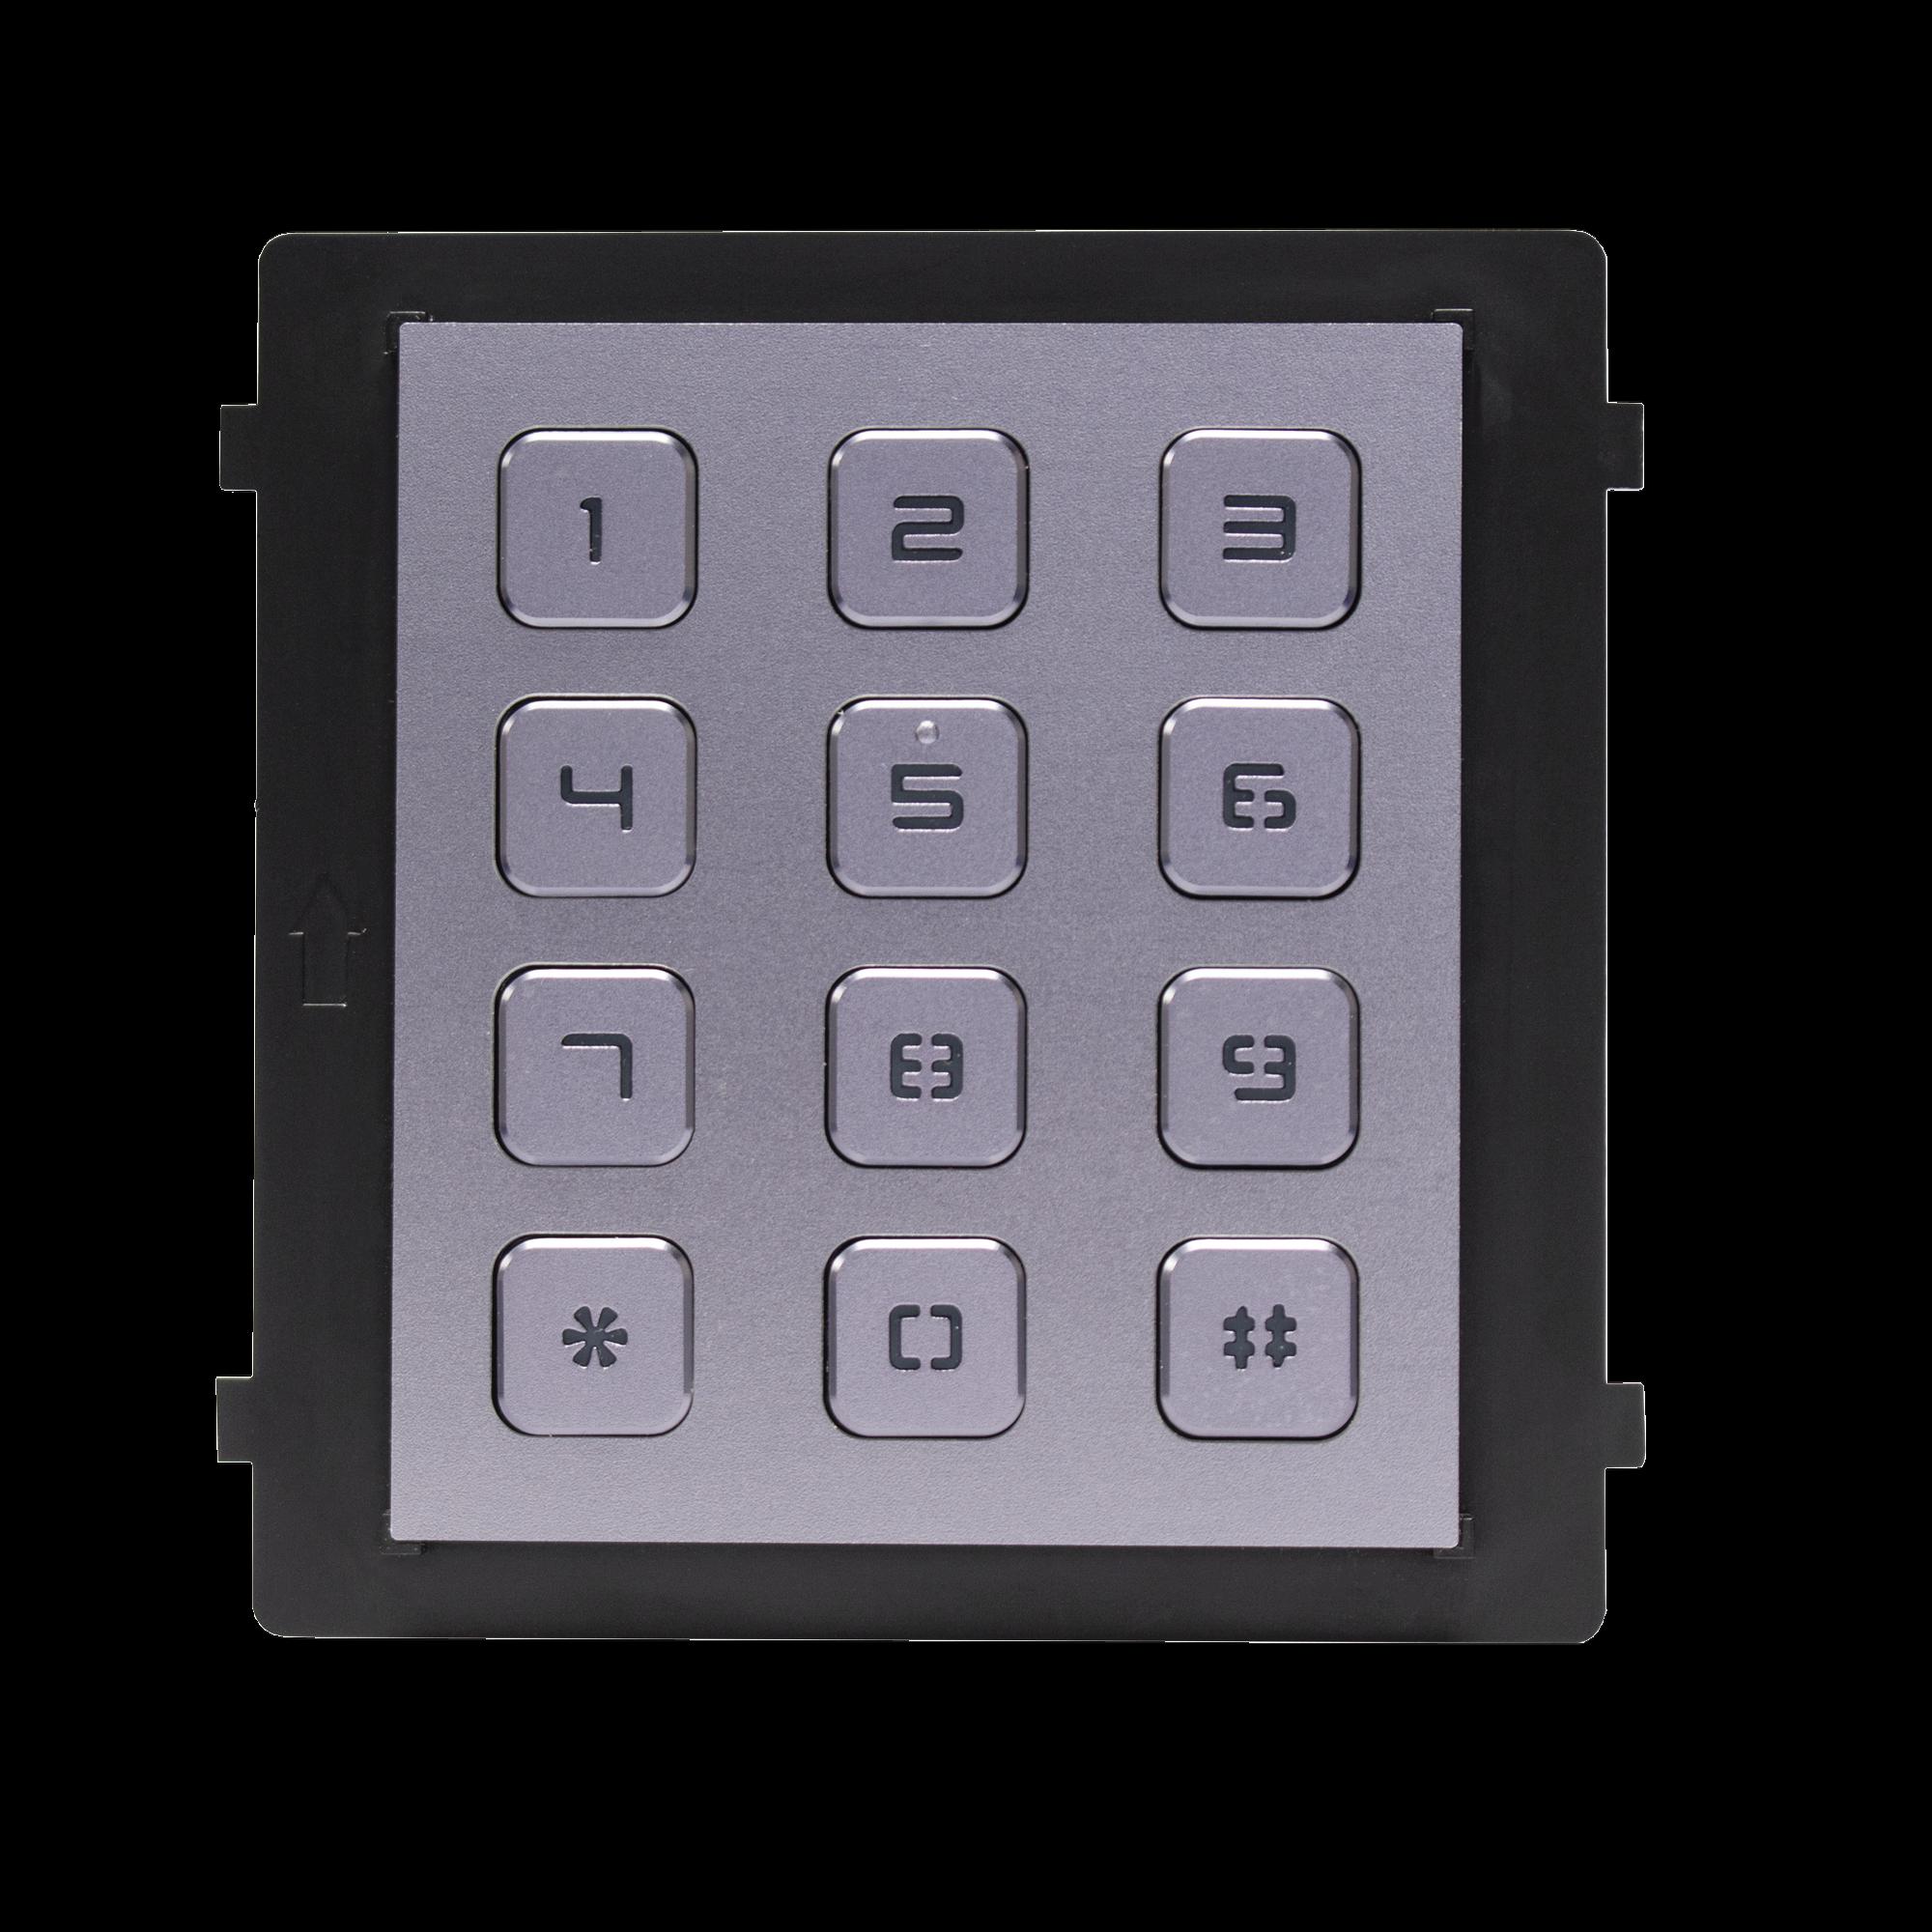 Módulo de Teclado para Frente de Calle  Modular / Desbloqueo de Puerta Mediante Código / Llamada a monitor.